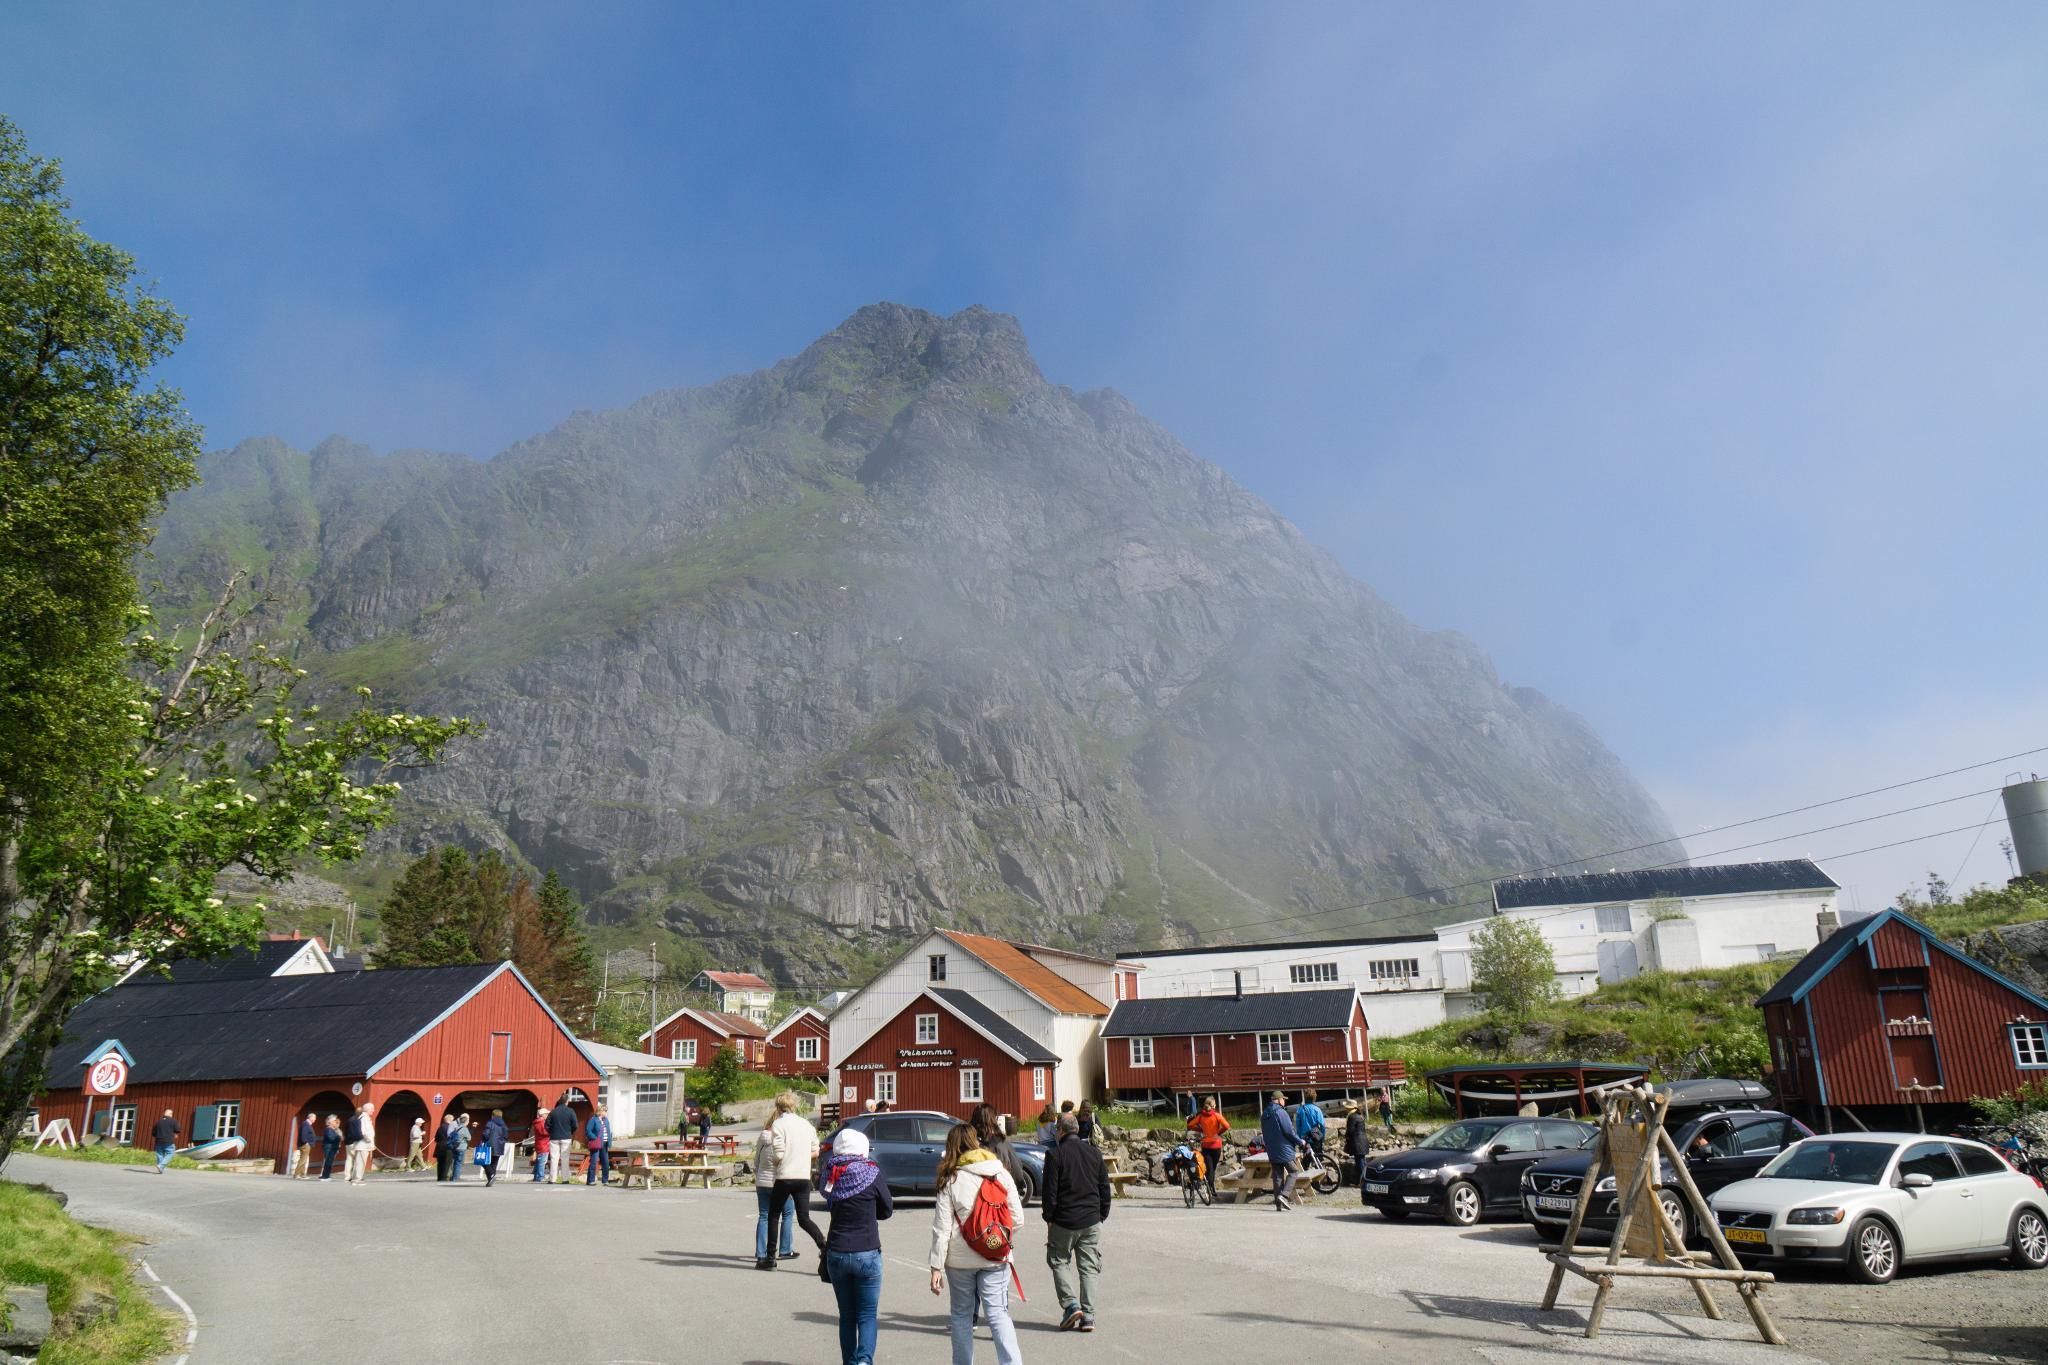 【羅弗敦群島】世界最短的地名 - Å 奧鎮 9